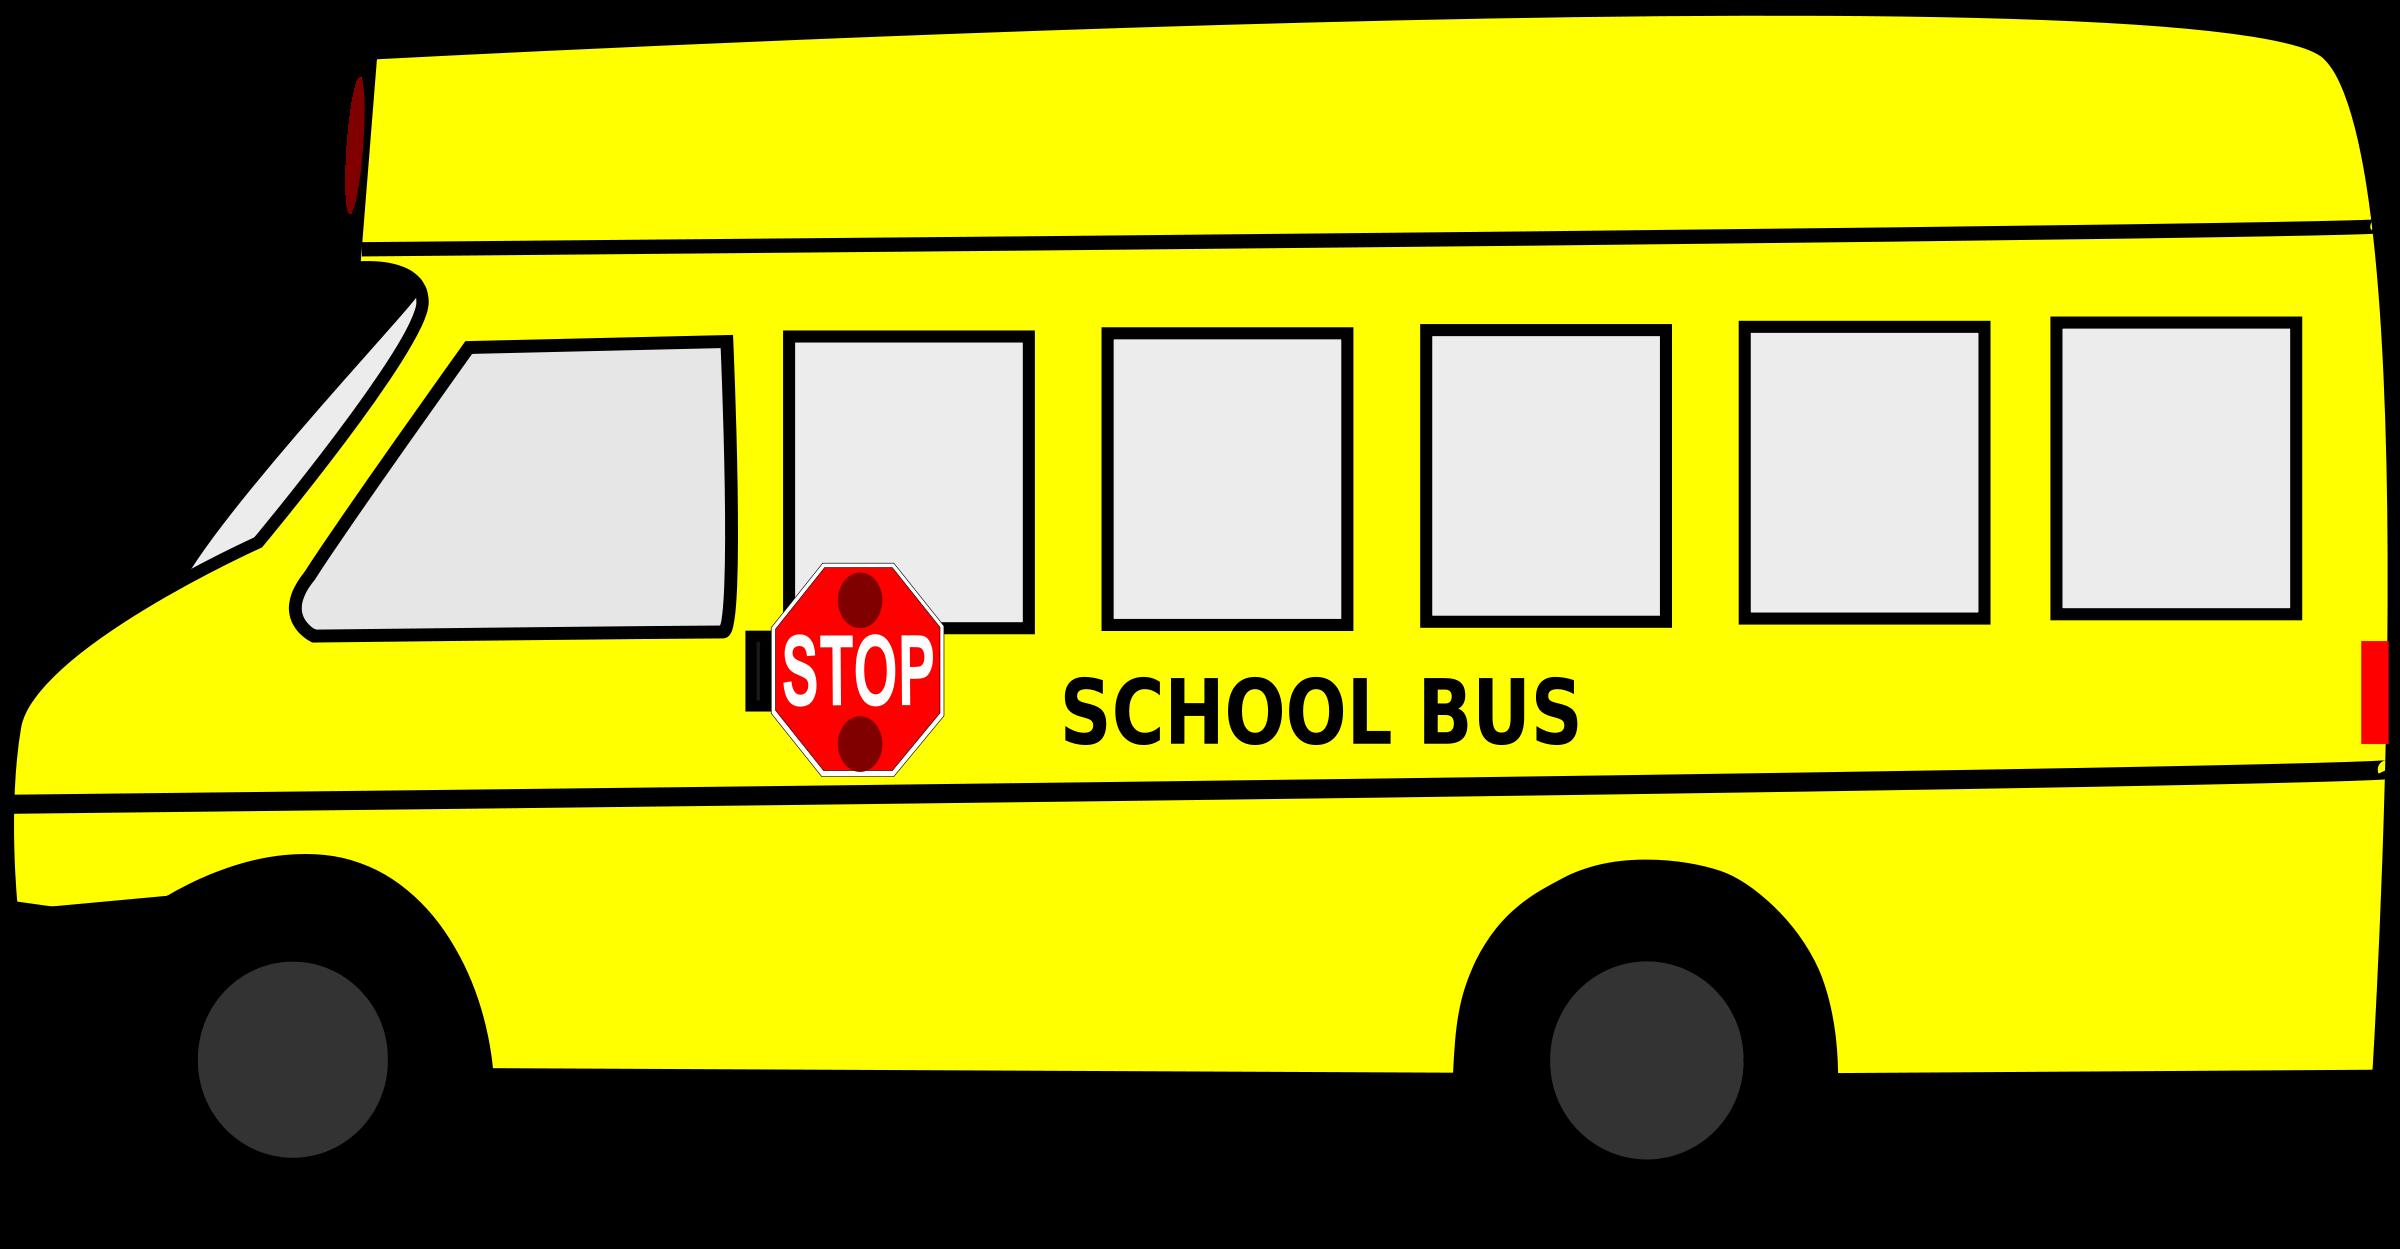 2400x1249 Free clip art school bus clipart images 9